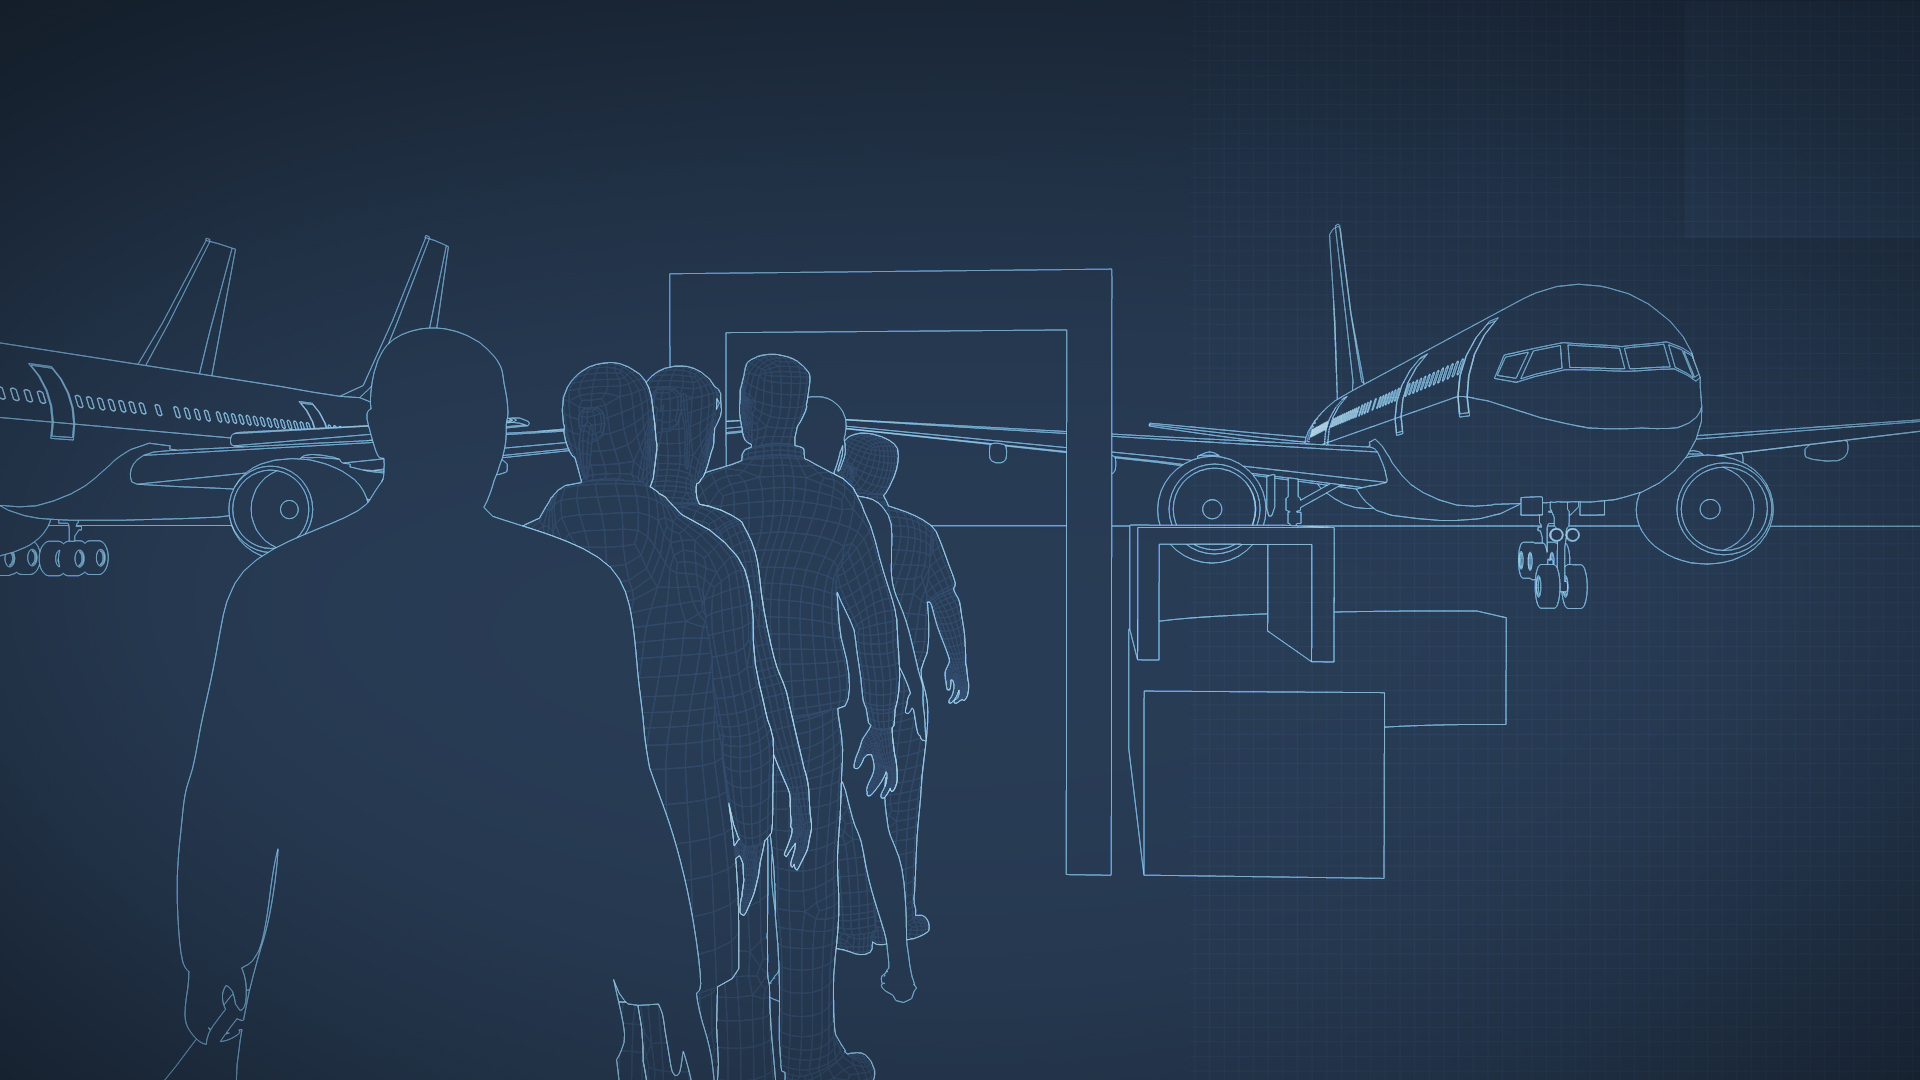 3e-gfxv-airports-one-03-0-00-05-00